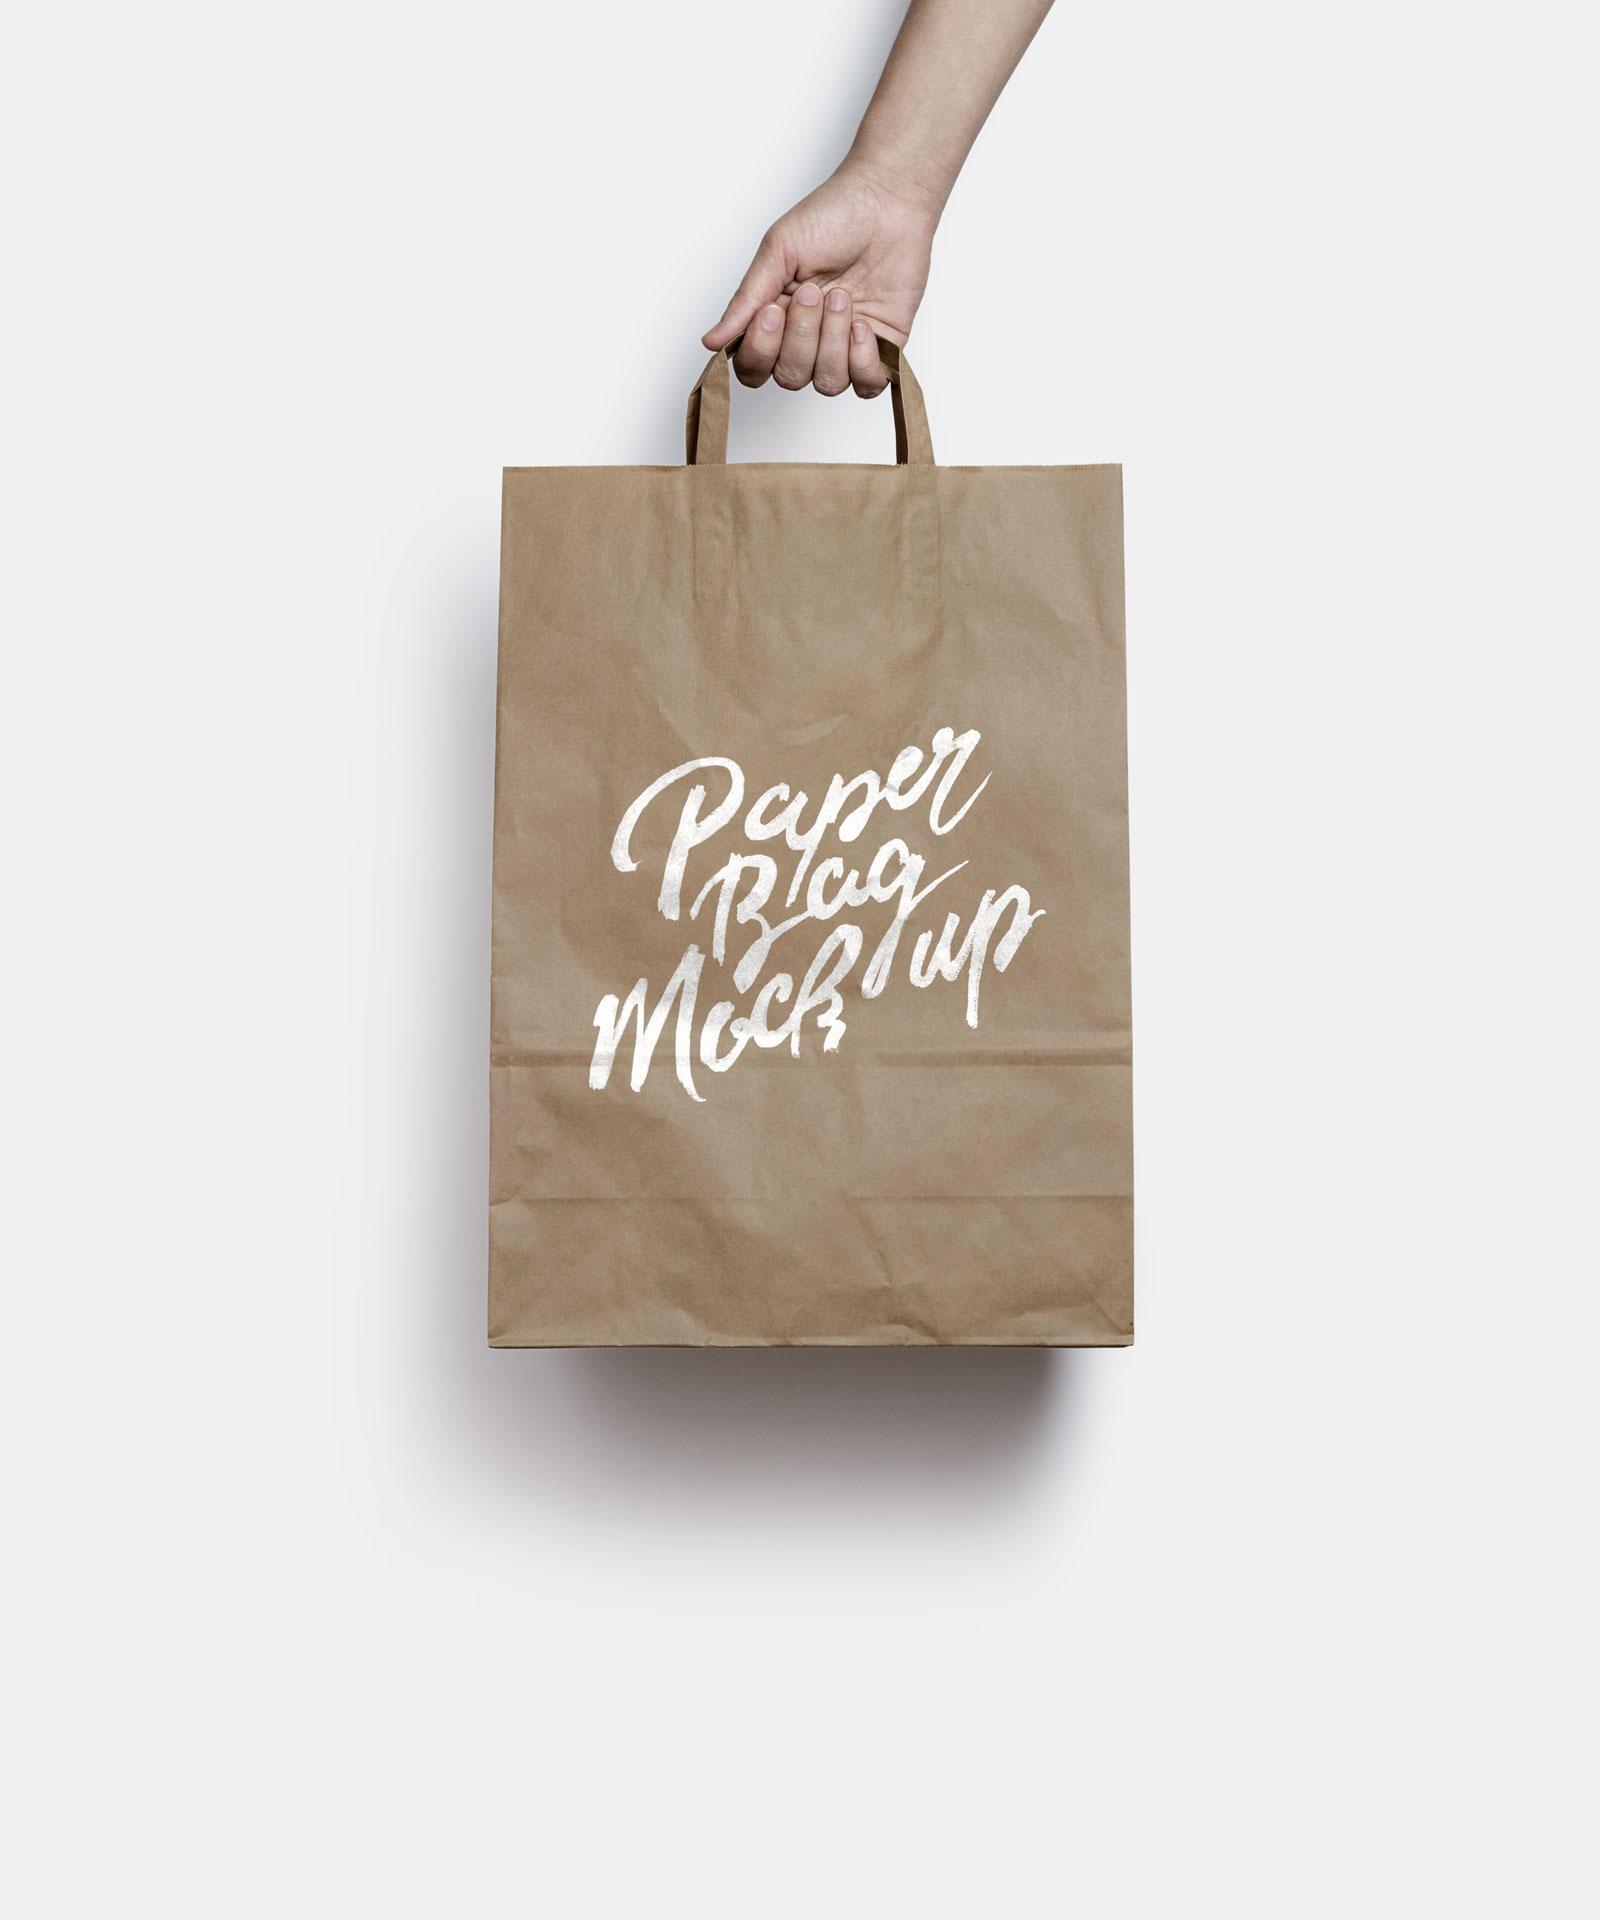 Brown-Paper-Bag-MockUp